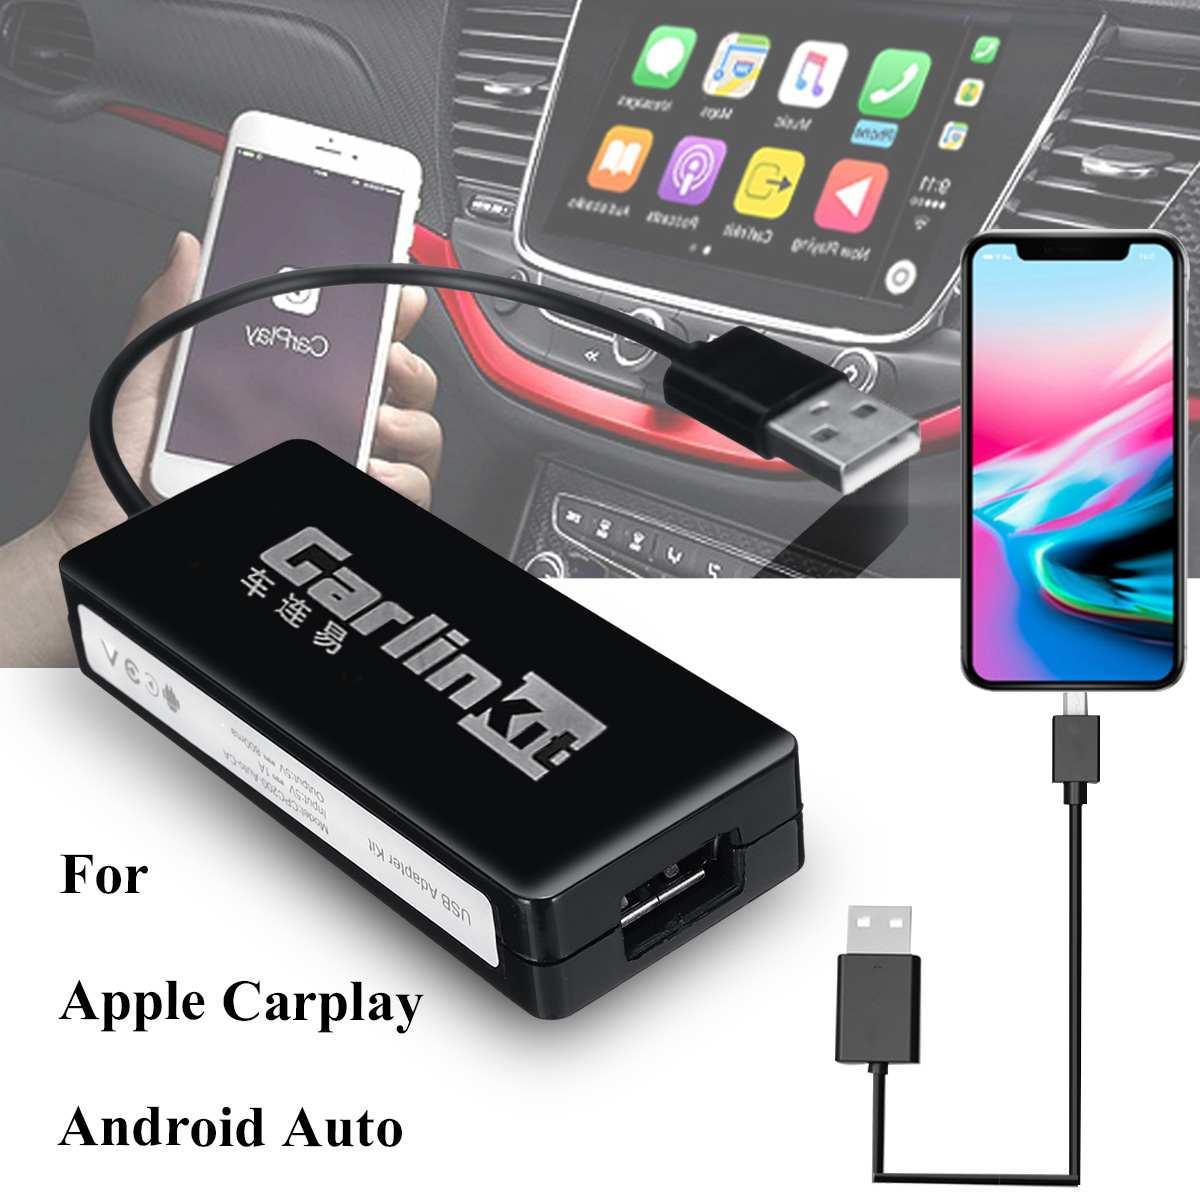 Carlinkit USB Smart voiture lien Dongle pour Android voiture Navigation pour Apple Carplay Module Auto téléphone portable USB Carplay adaptateur